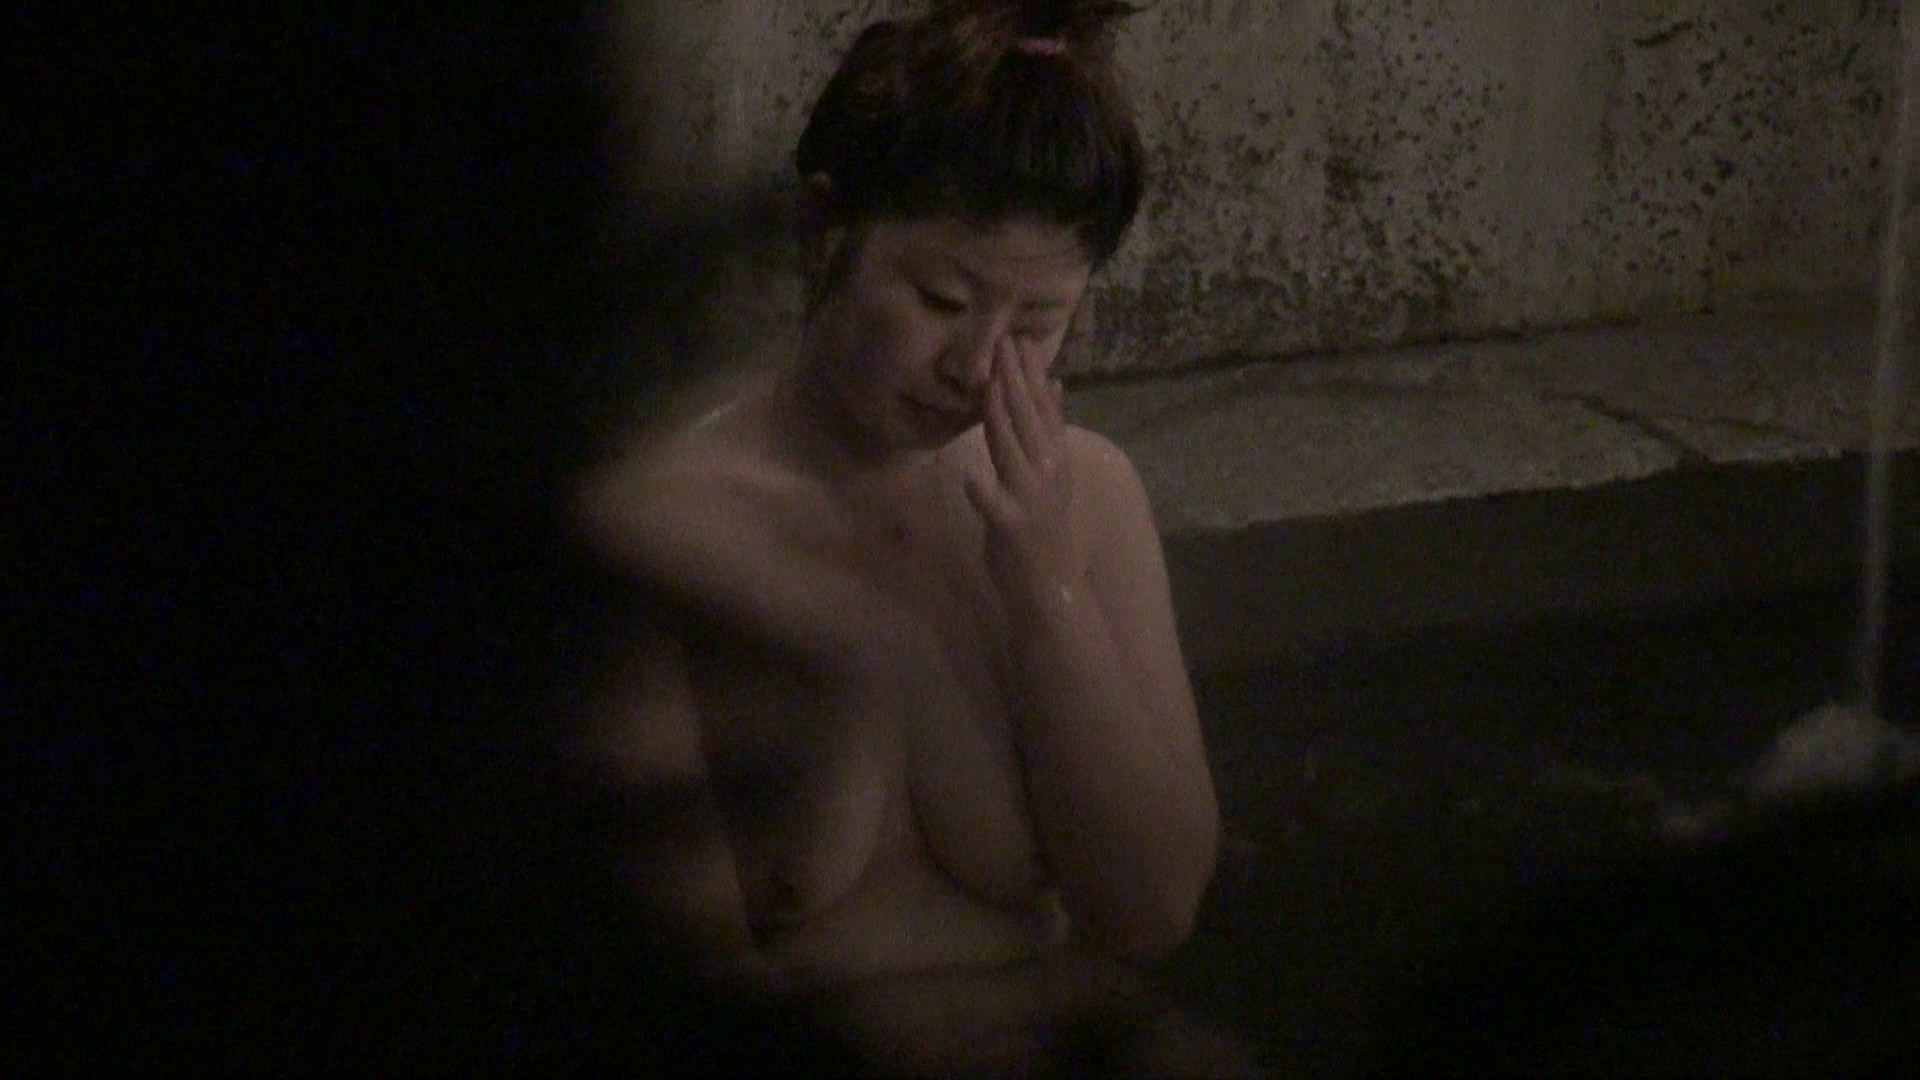 Aquaな露天風呂Vol.337 盗撮師作品 | 美しいOLの裸体  94pic 55